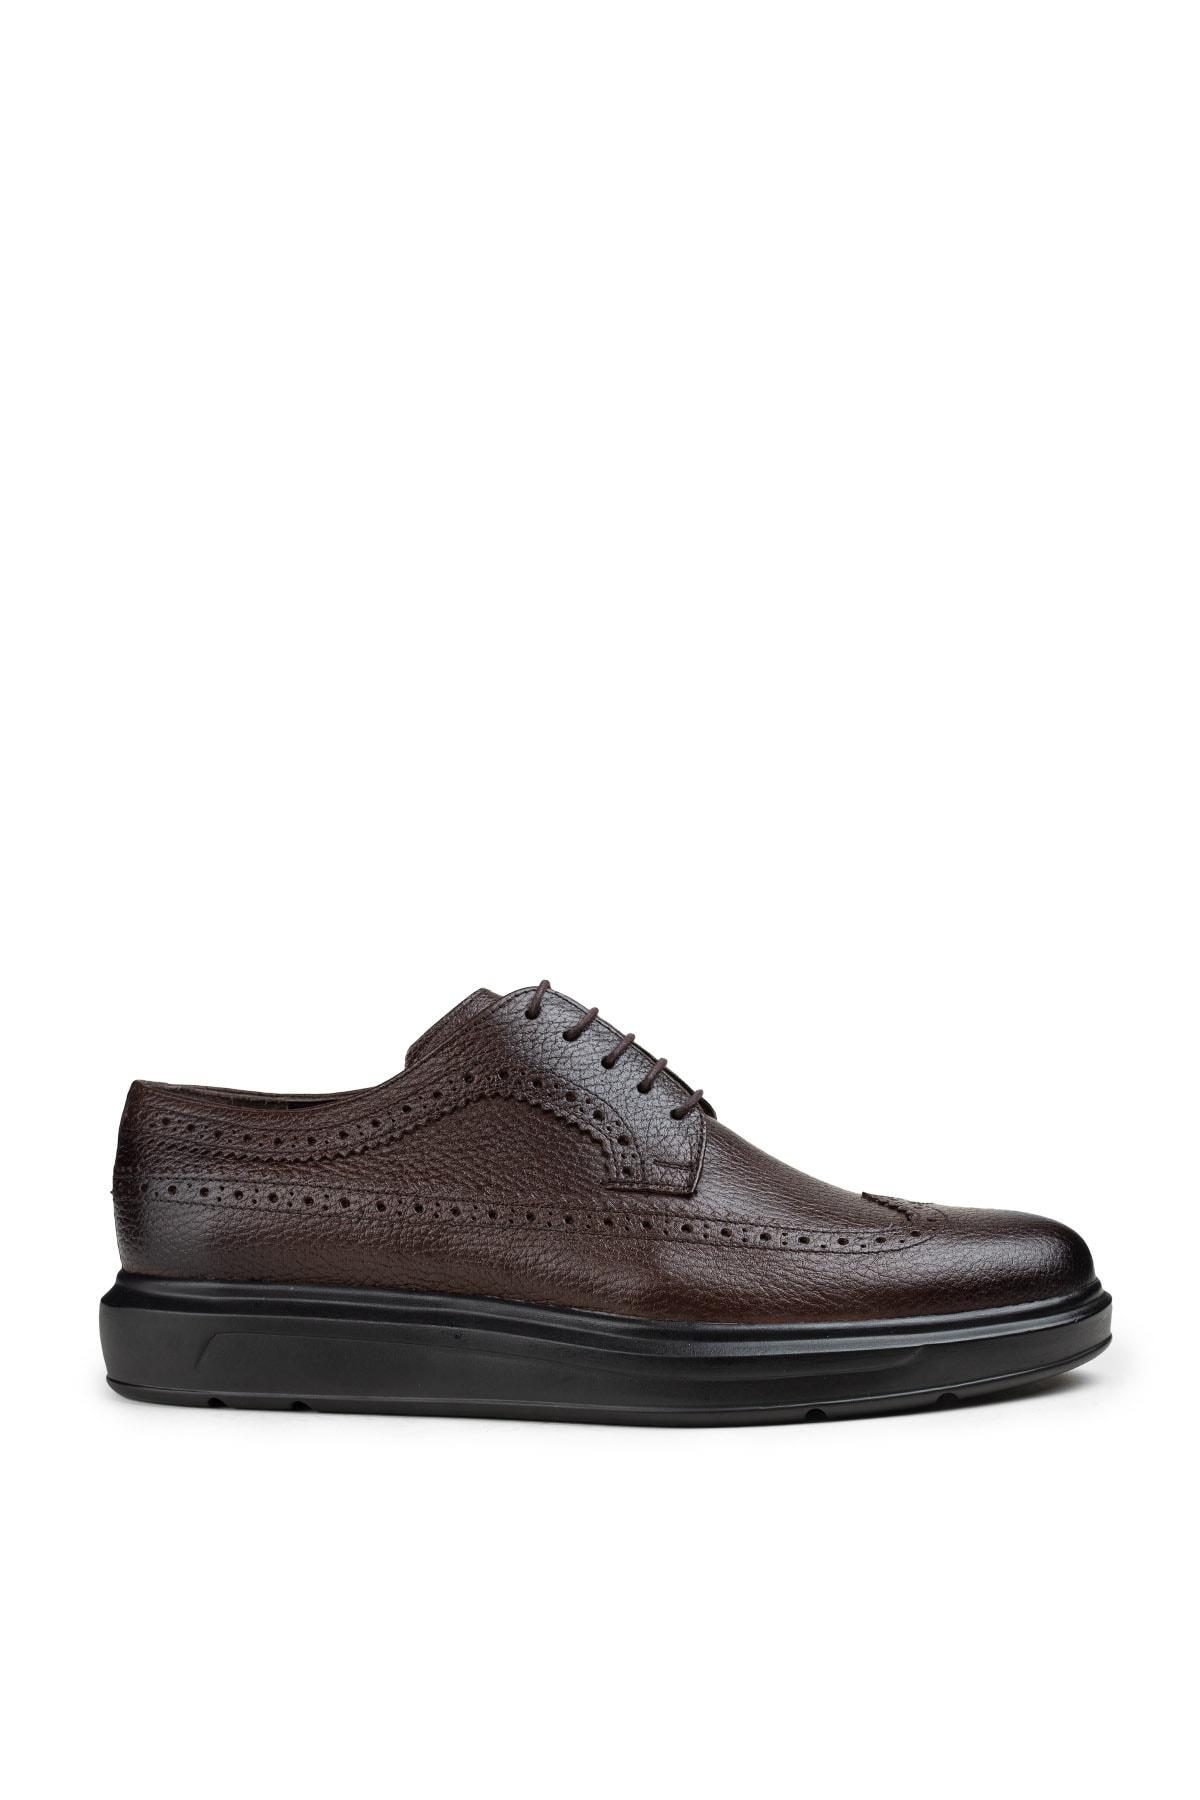 Hakiki Deri Kahverengi Günlük Comfort Erkek Ayakkabı